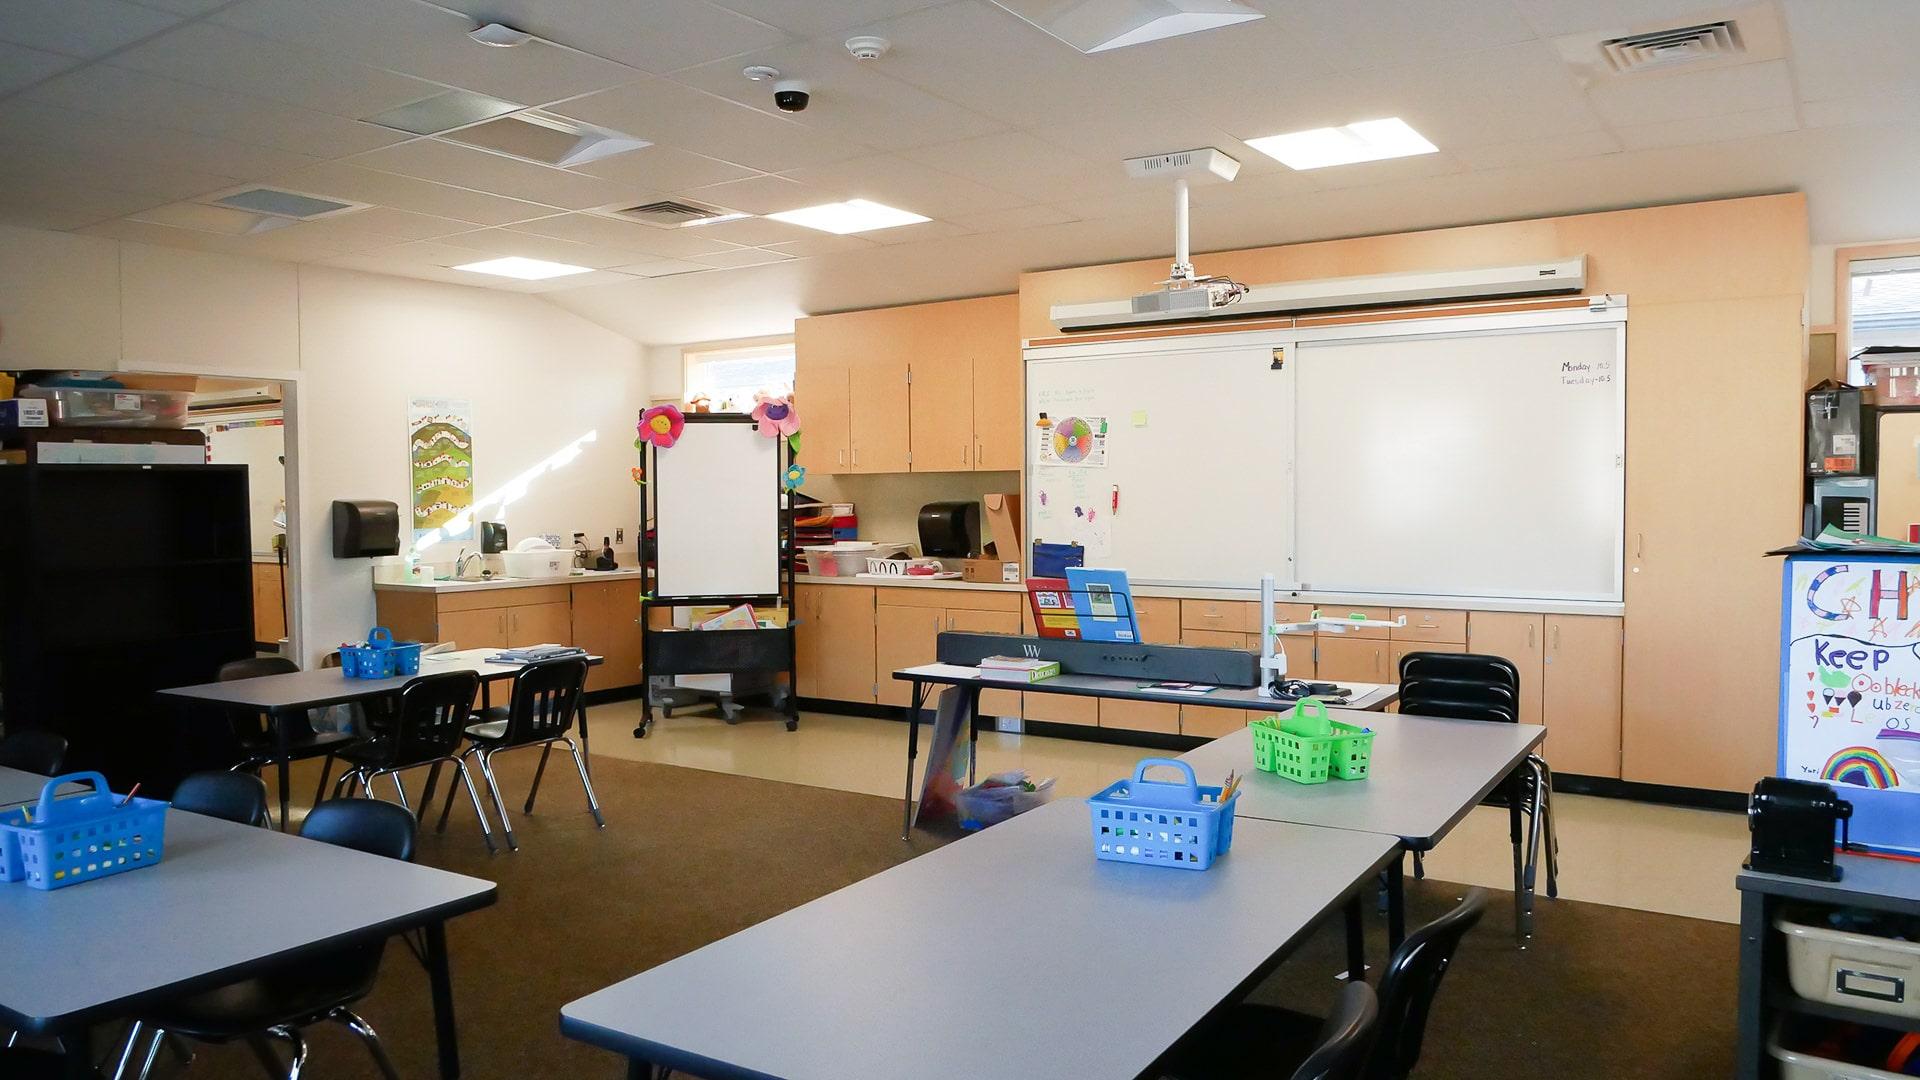 28' x 64' Portable Classroom